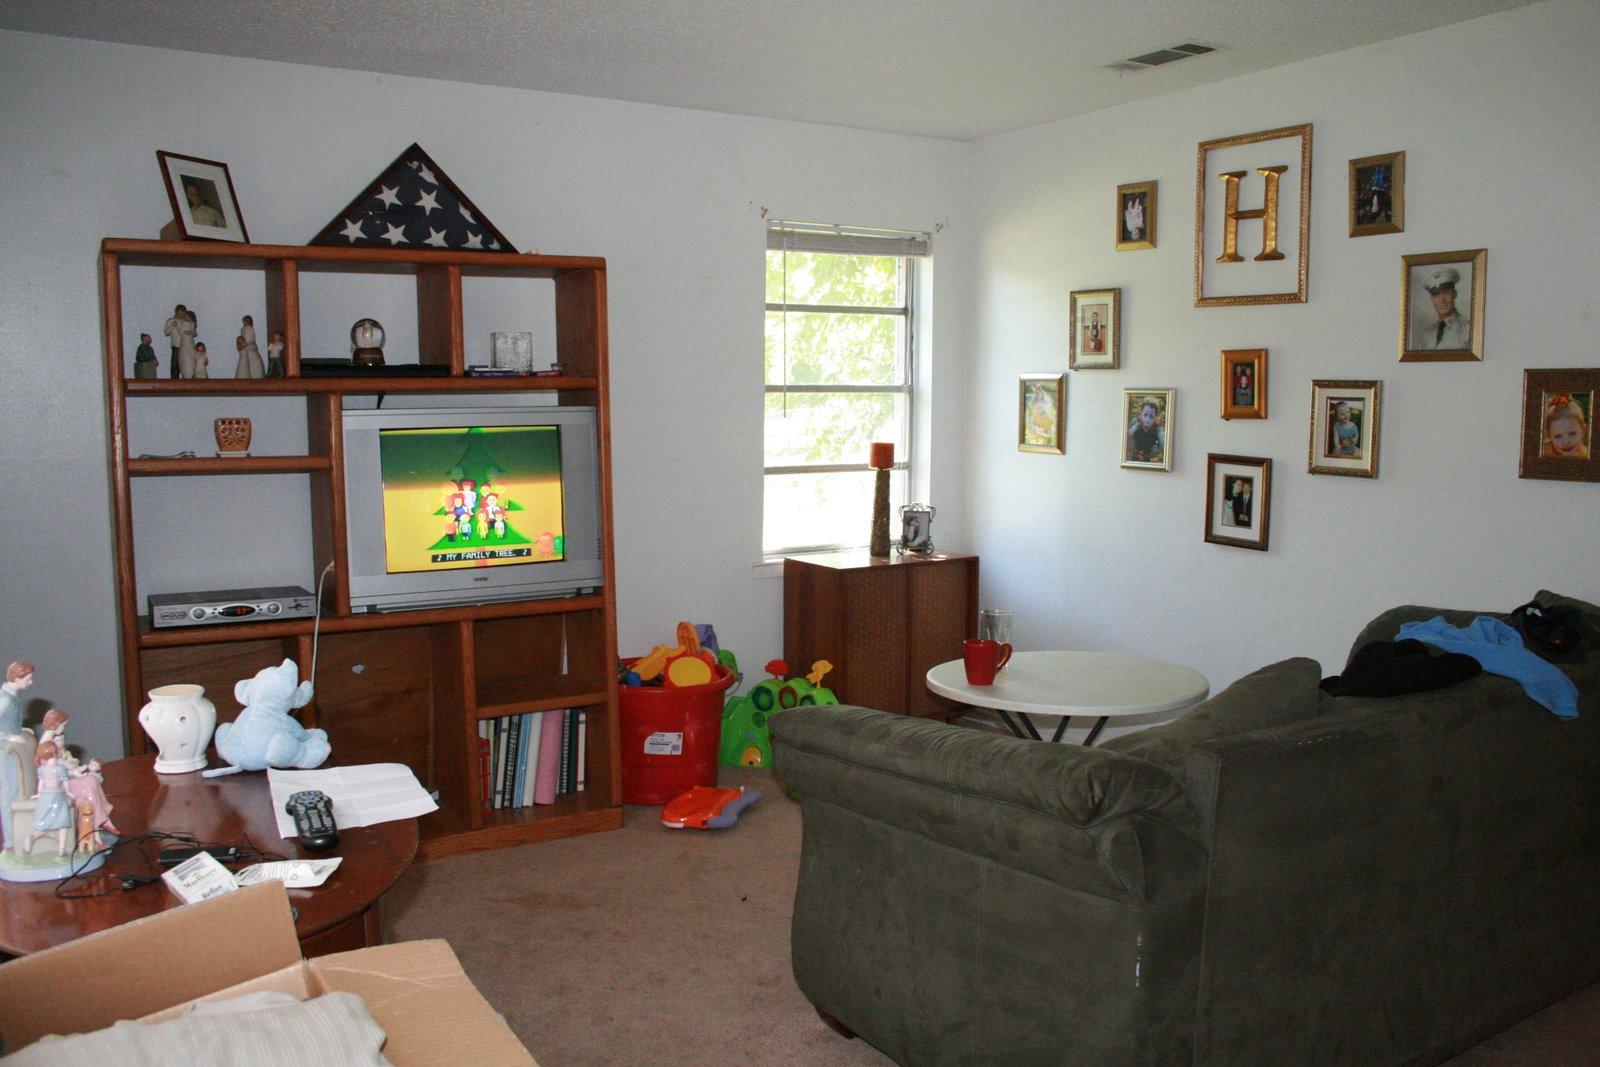 [livingroom.JPG]